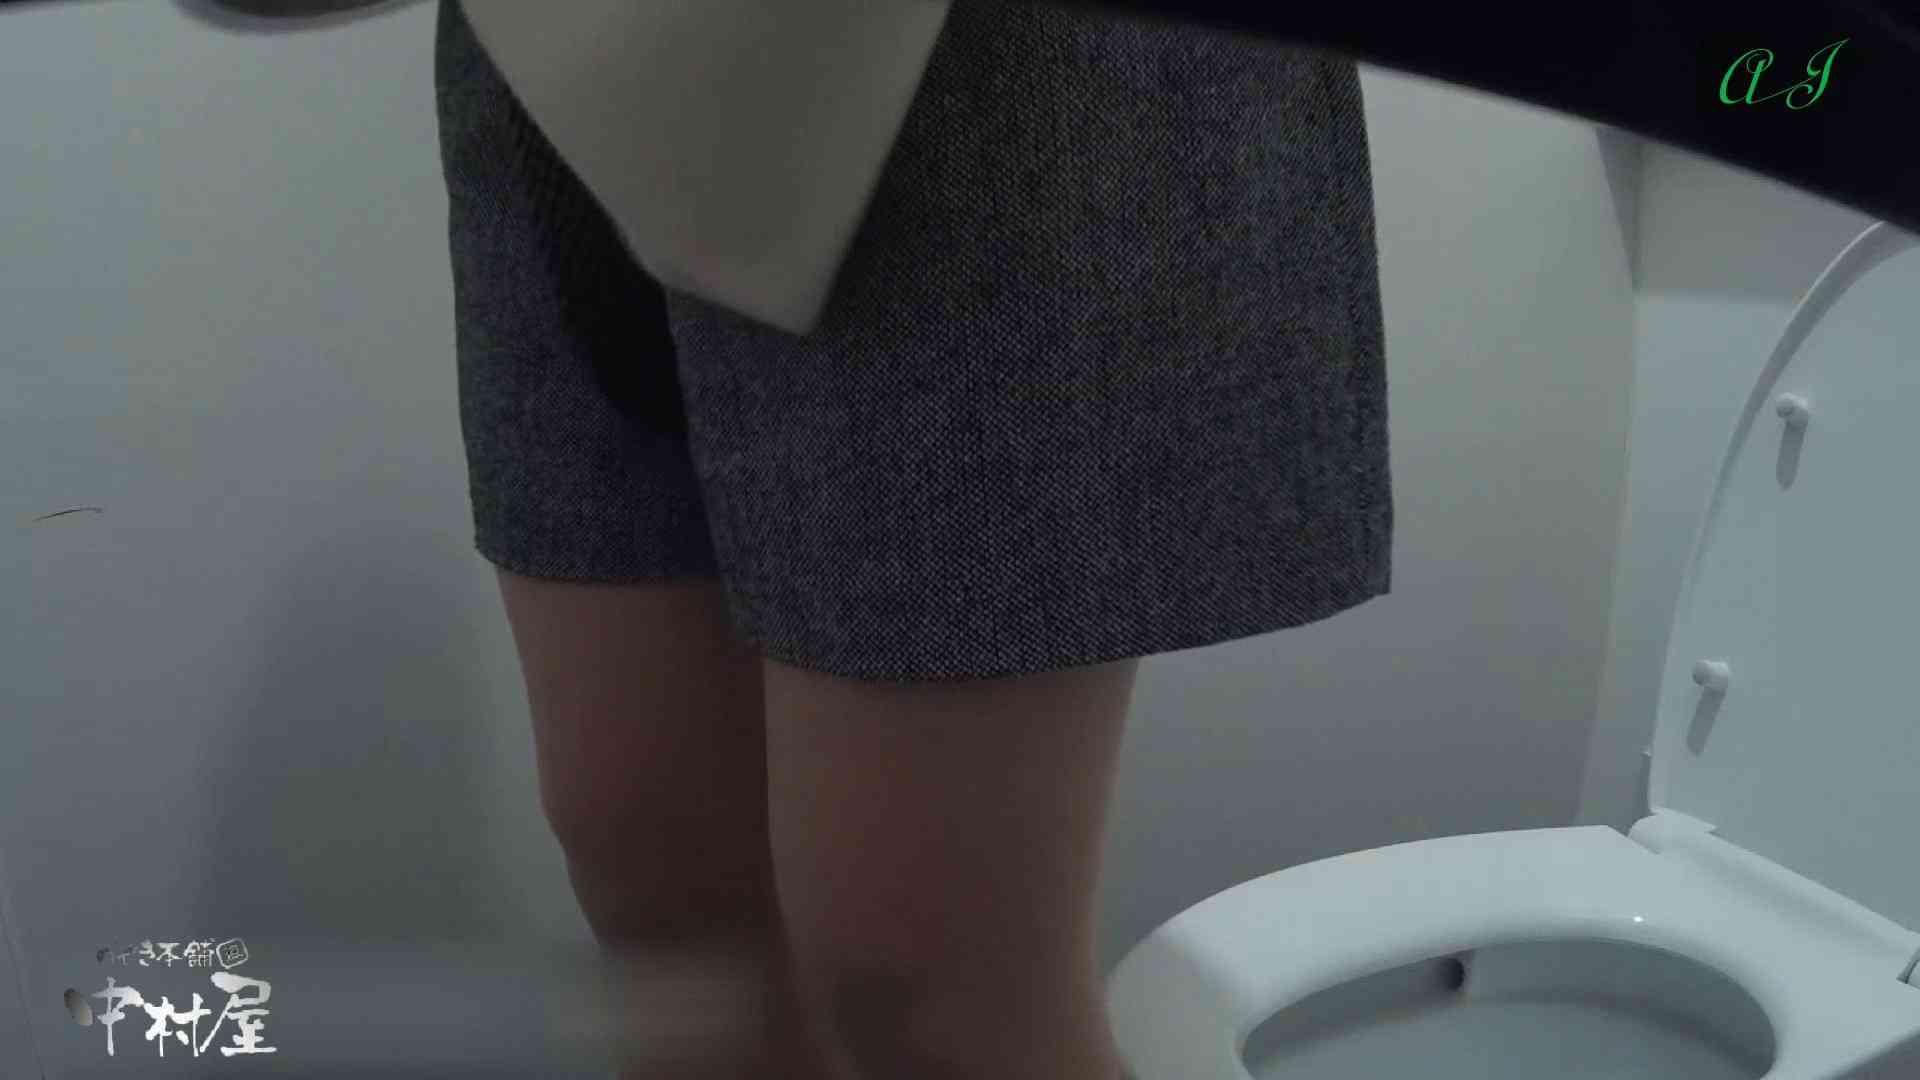 有名大学女性洗面所 vol.78 美女勢揃い 前編 潜入画像 | 人気シリーズ  74画像 48